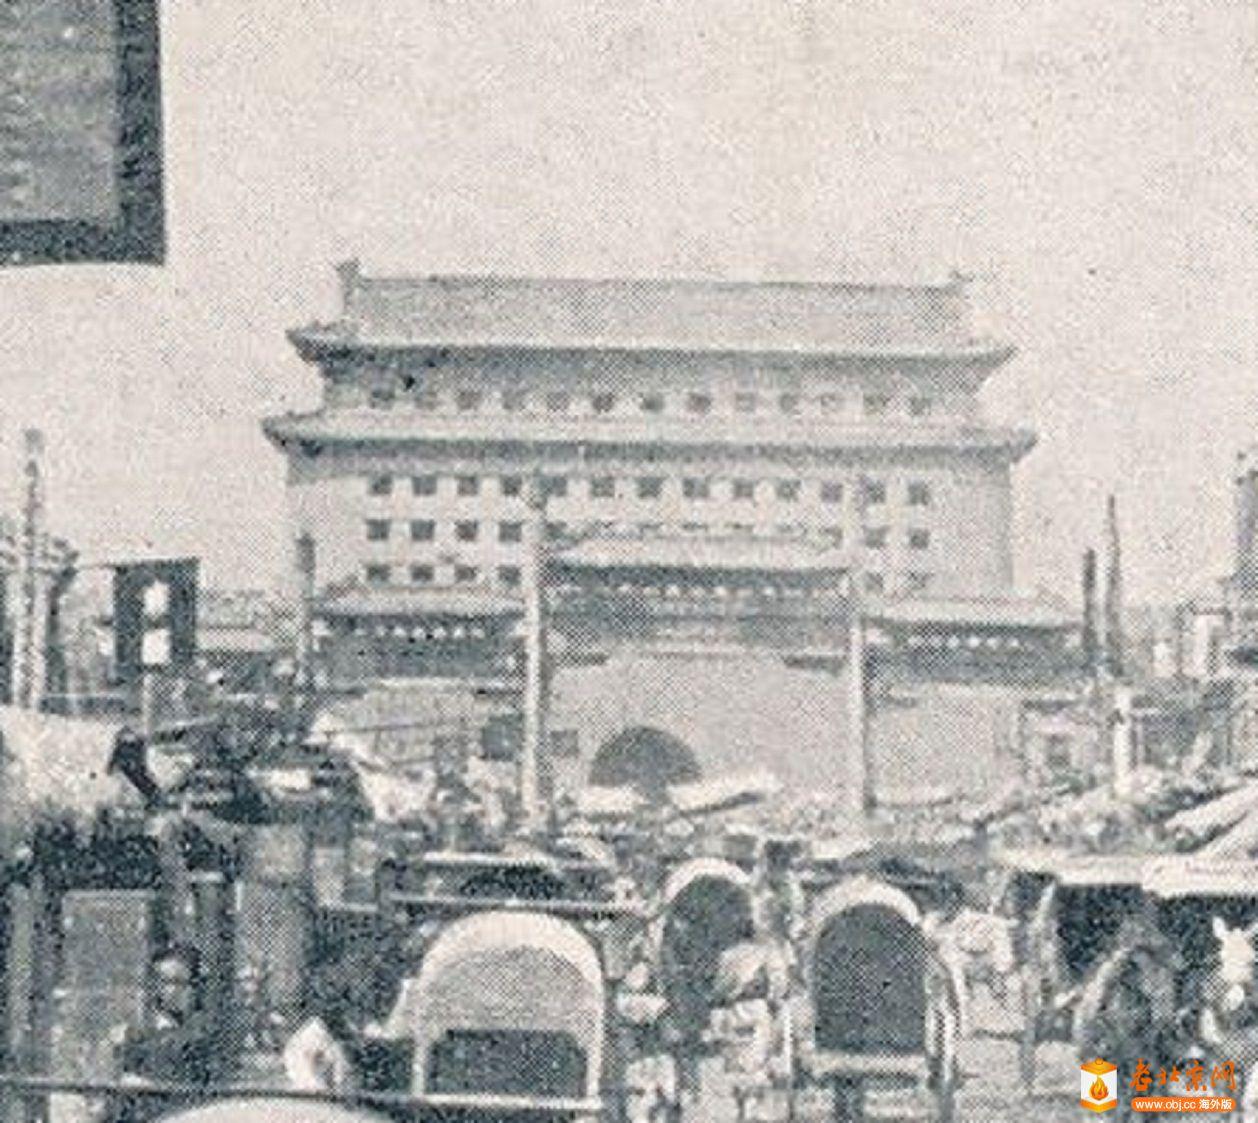 186.三楼(板凳)帖原图_2.jpg